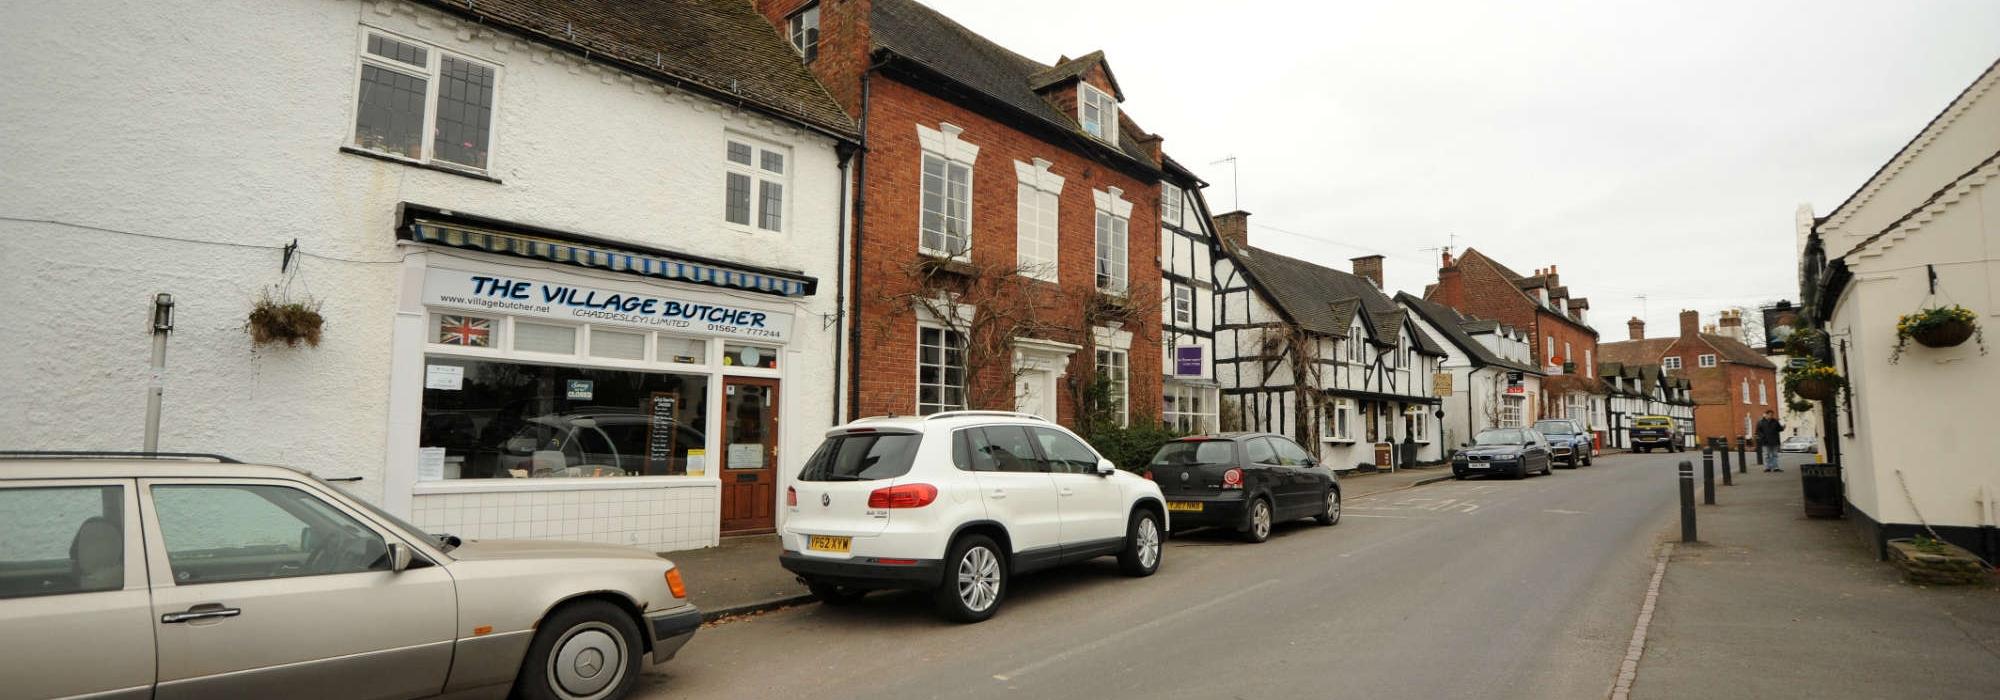 village butchers and shop